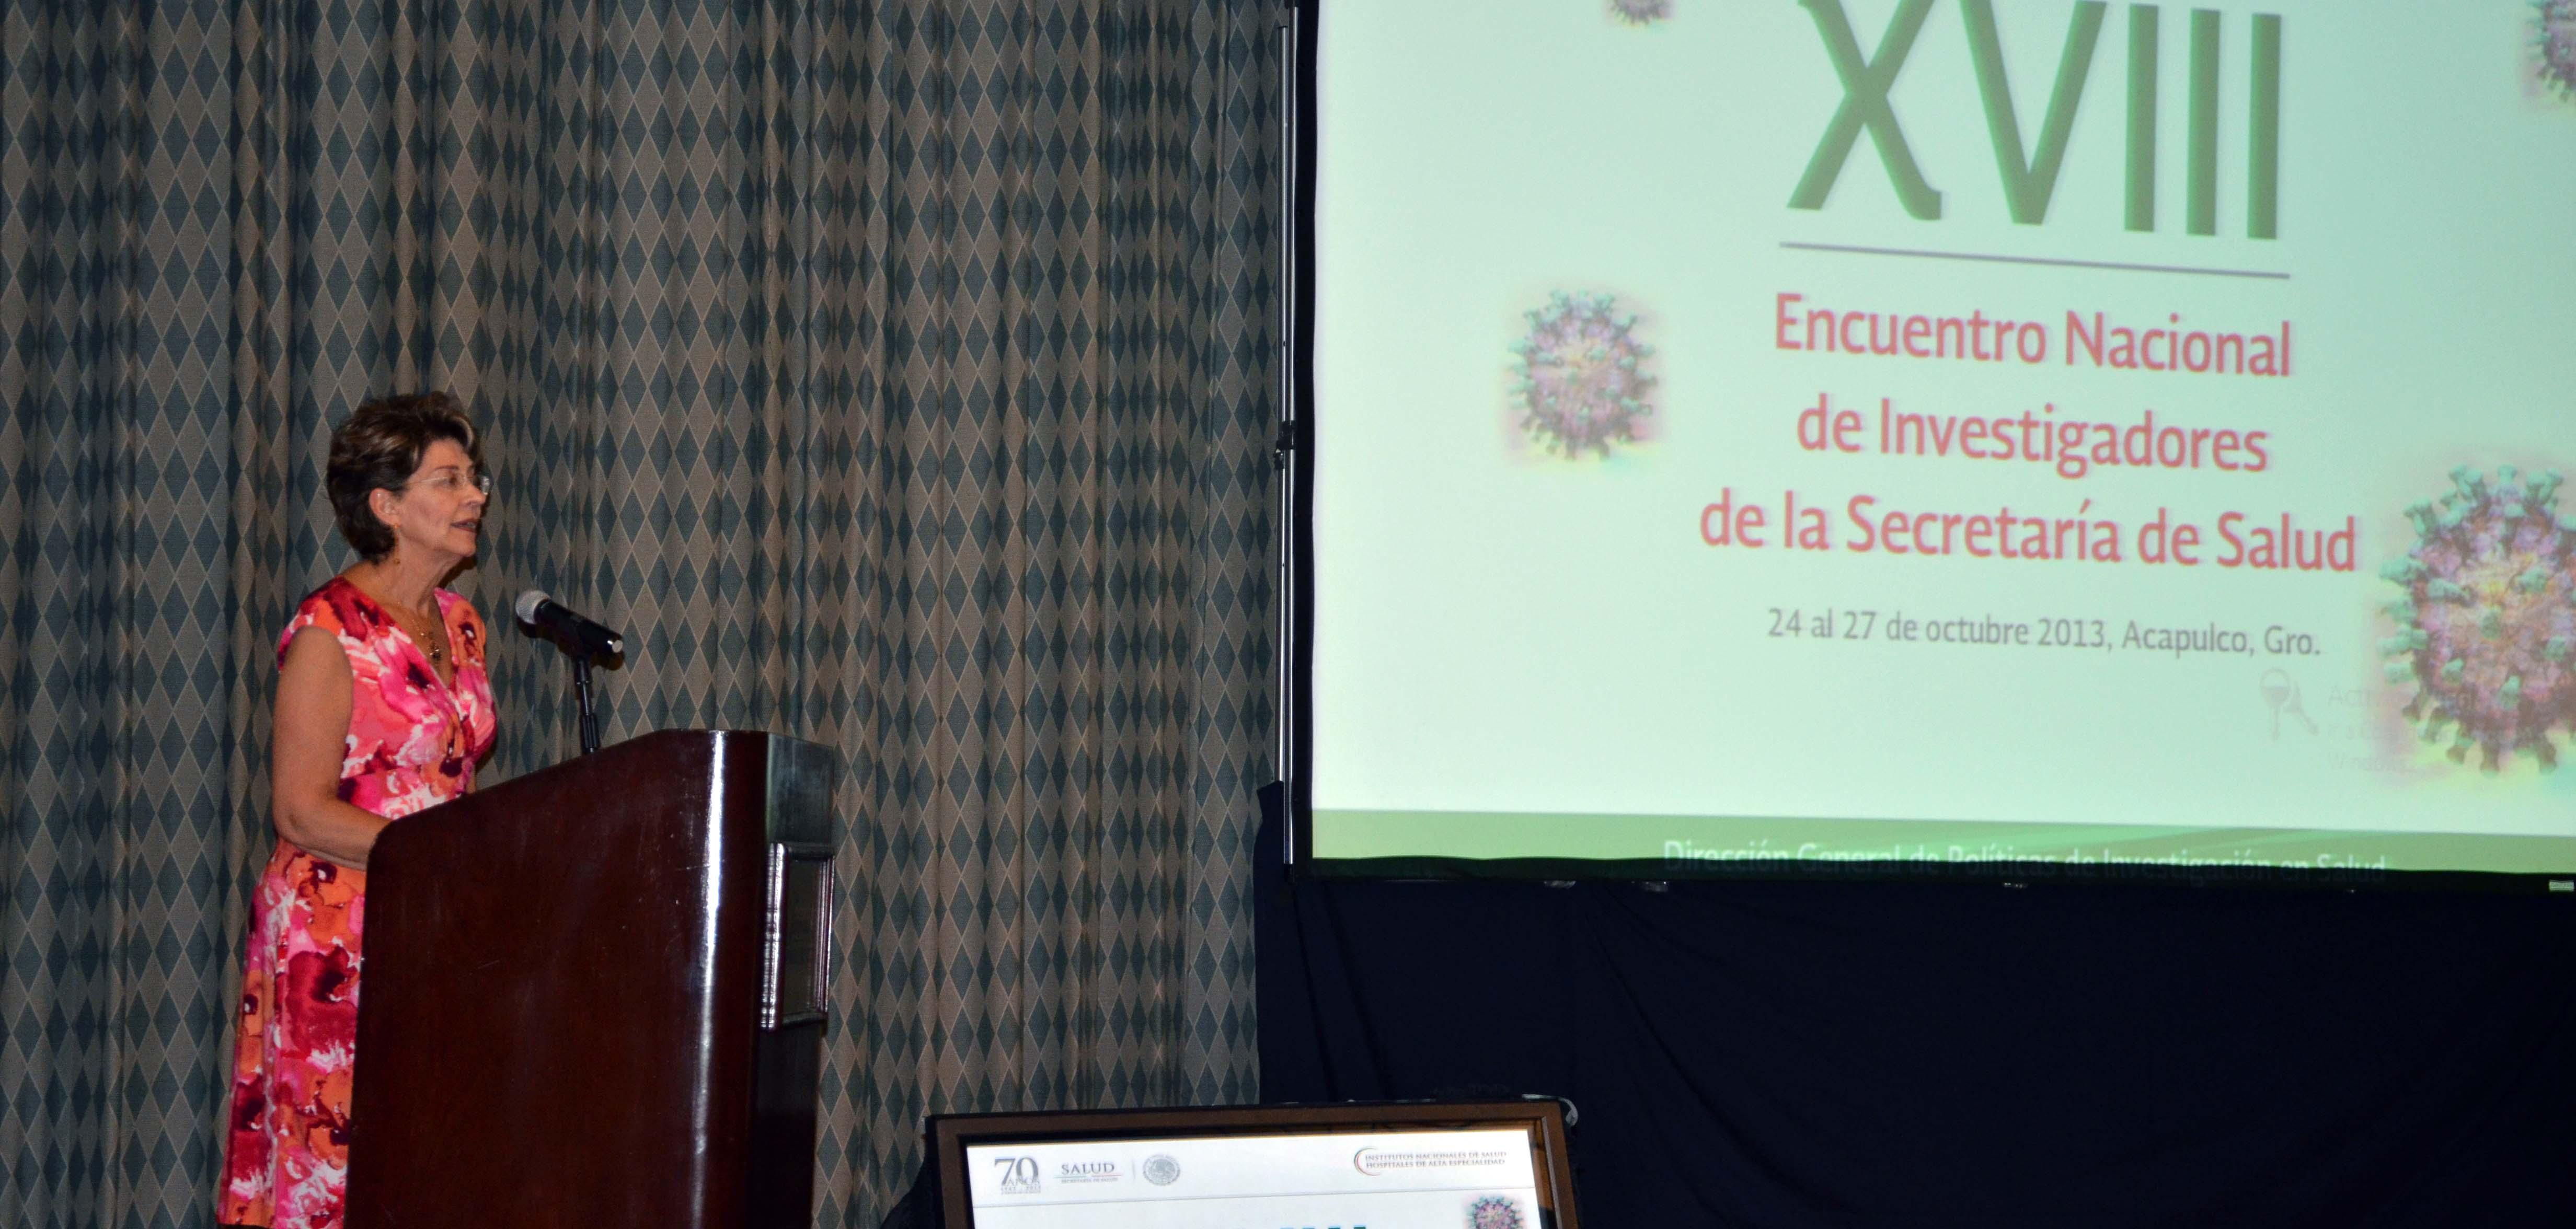 XVIII Encuentro Nacional de Investigadores de la Secretaría de Salud